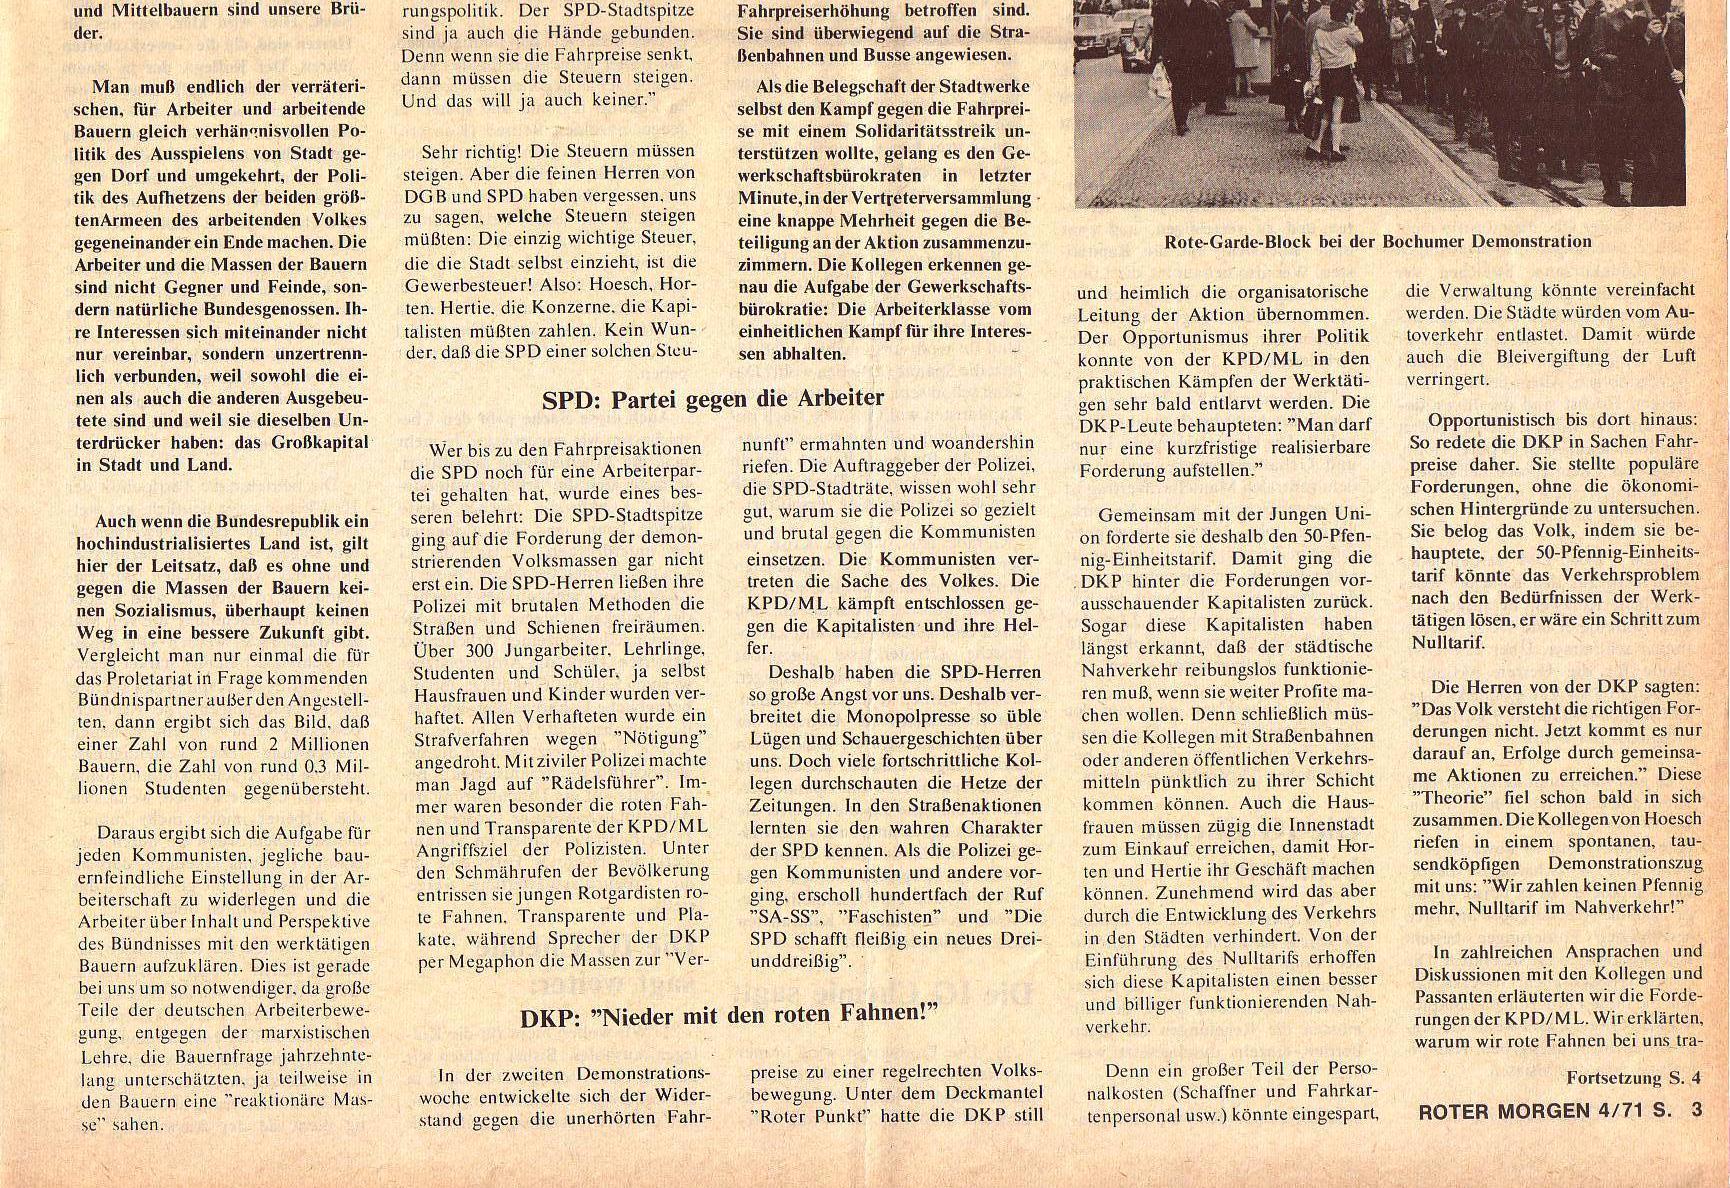 Roter Morgen, 5. Jg., April 1971, Nr. 4, Seite 3b